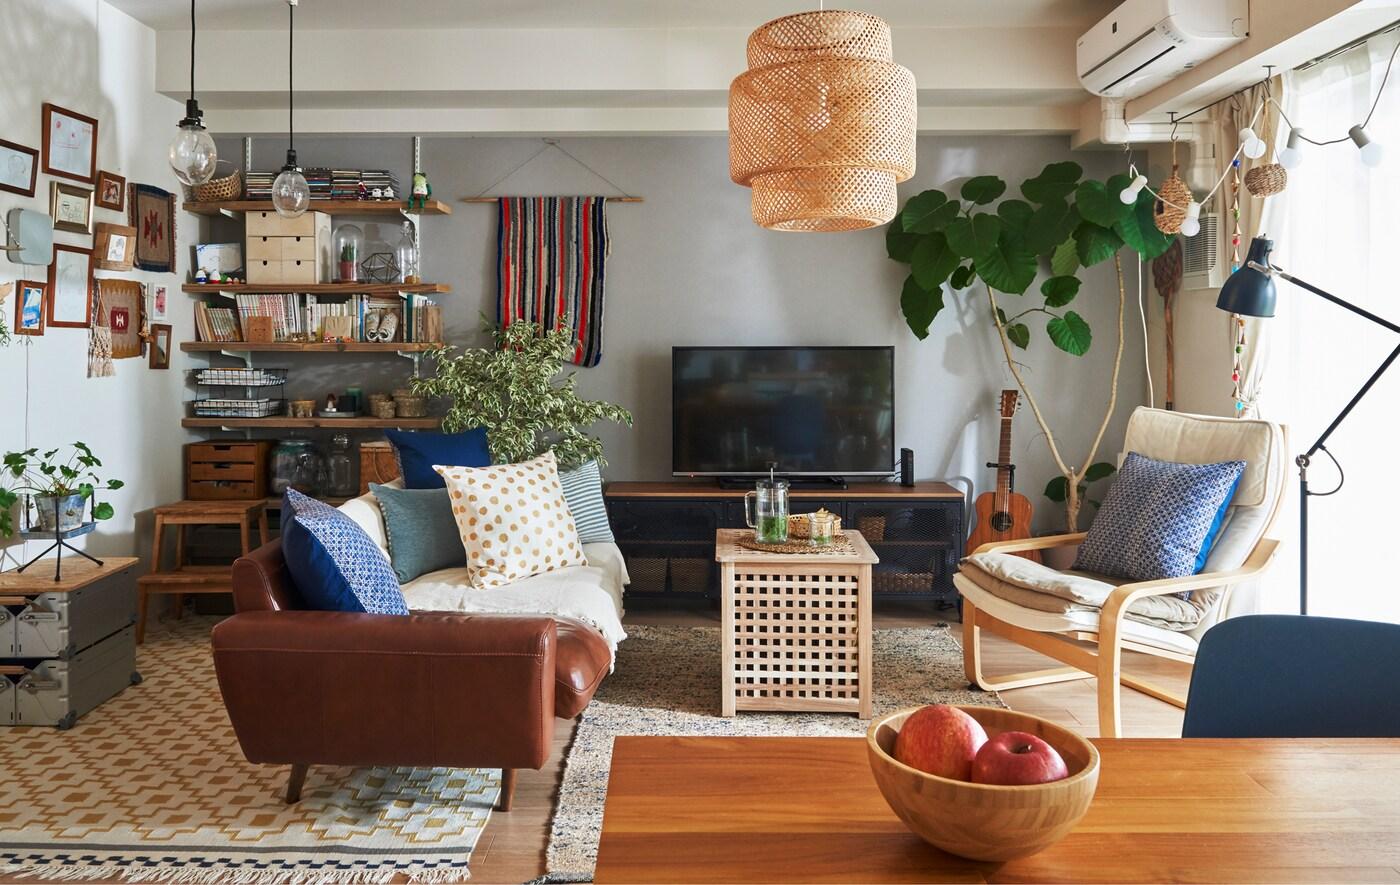 Soggiorno con divano, poltrona, tavolo, scaffali, mobile TV e una pianta alta in un angolo - IKEA